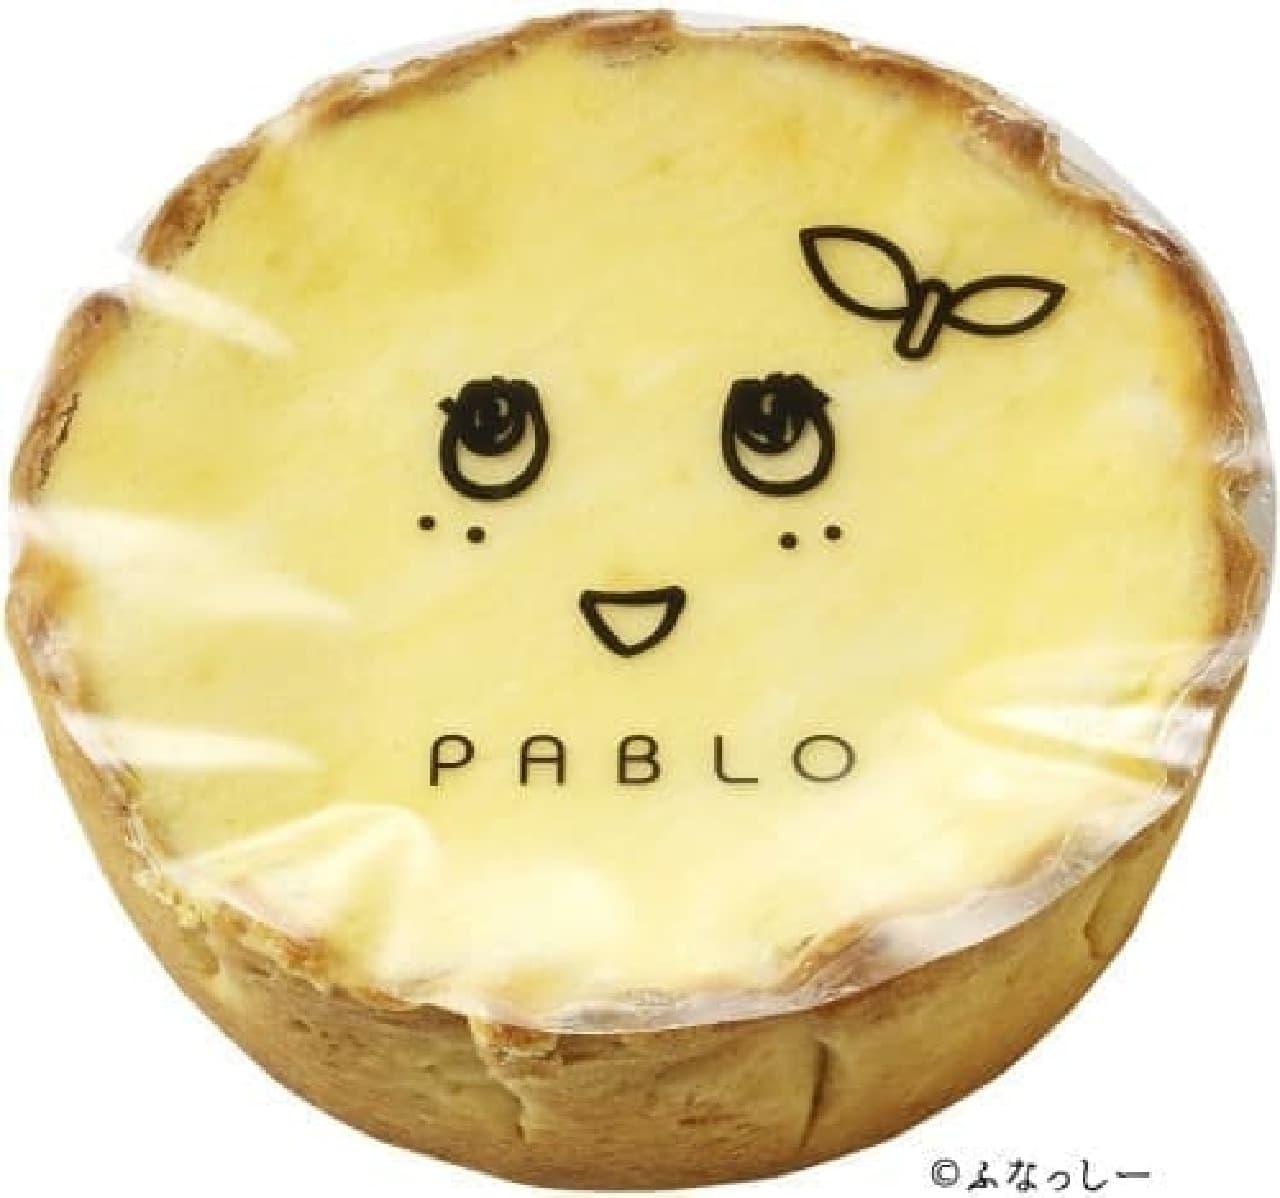 パブロ「ふなっしー焼きたてチーズタルト 梨汁ブシャー」